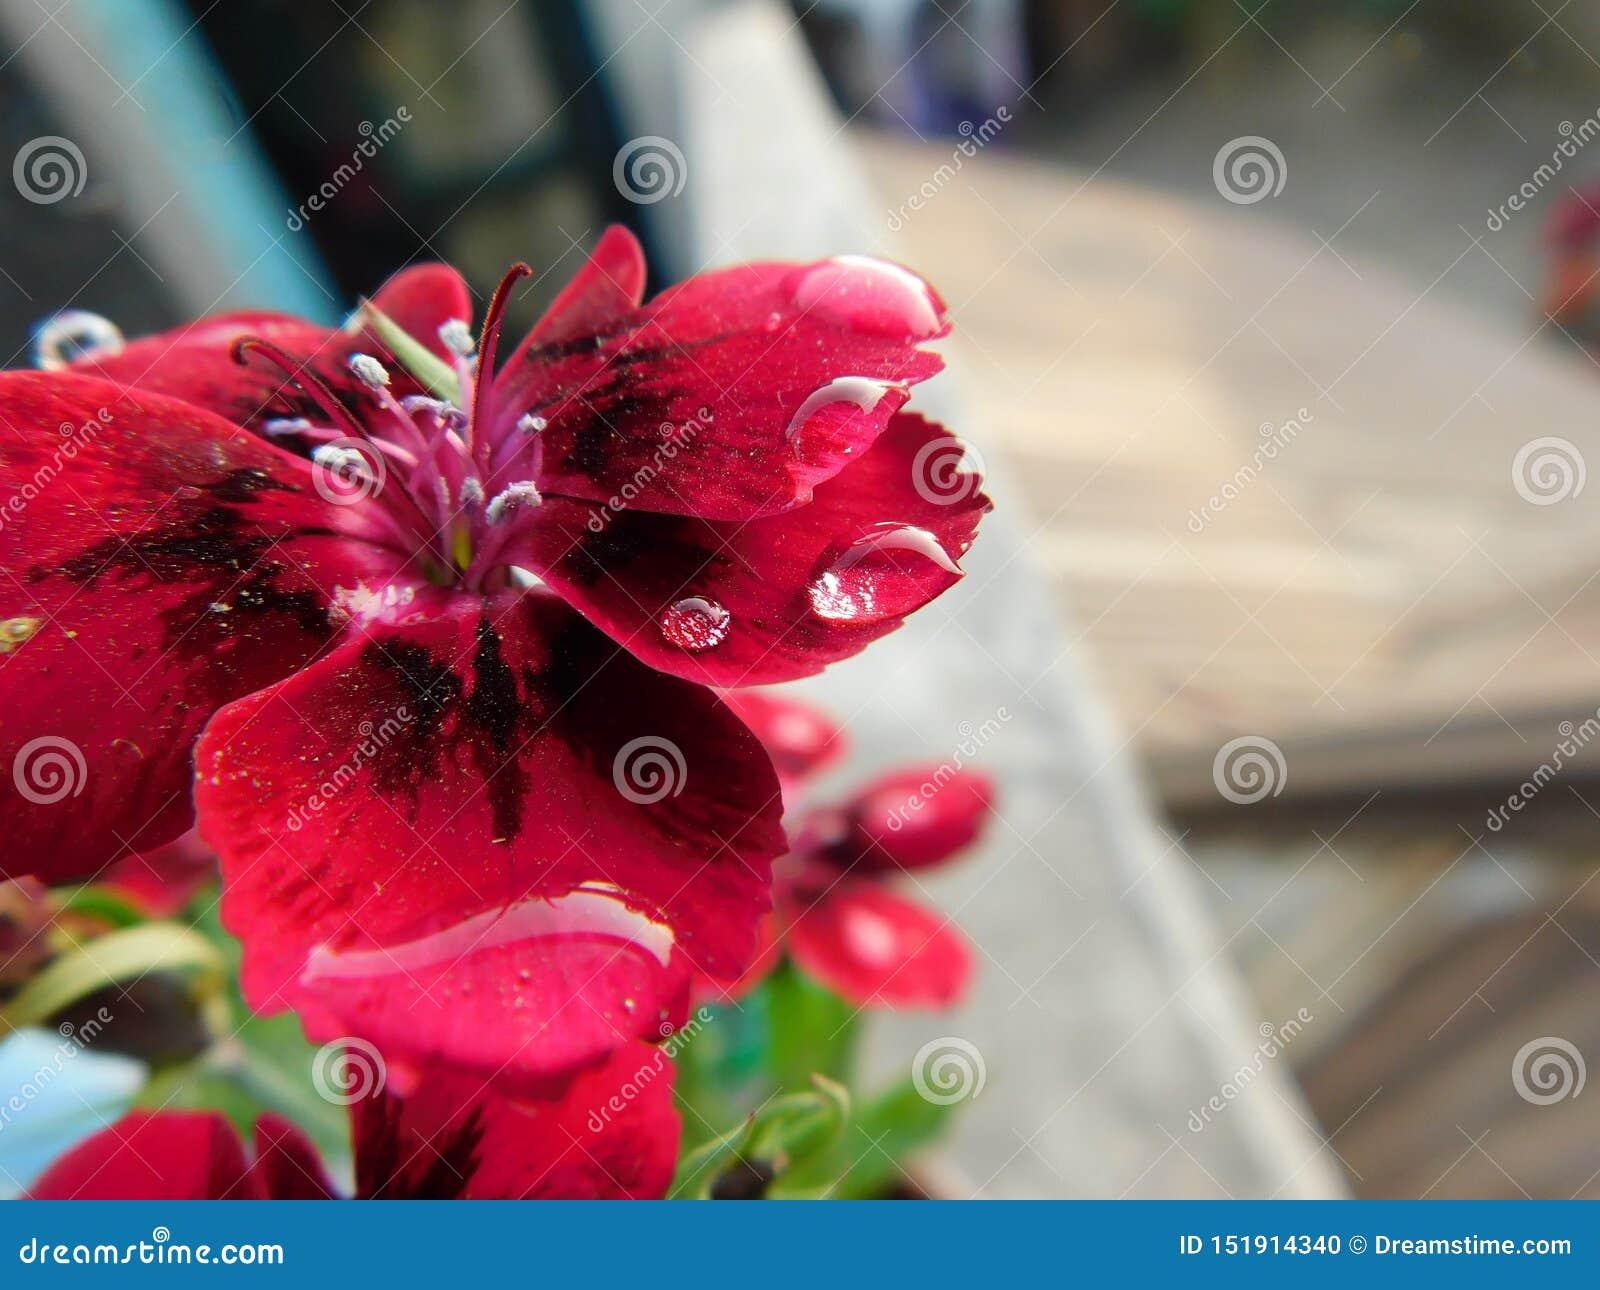 Piękny i śliczny czerwień ogródu kwiat z małymi wieloskładnikowymi wodnymi kropelkami